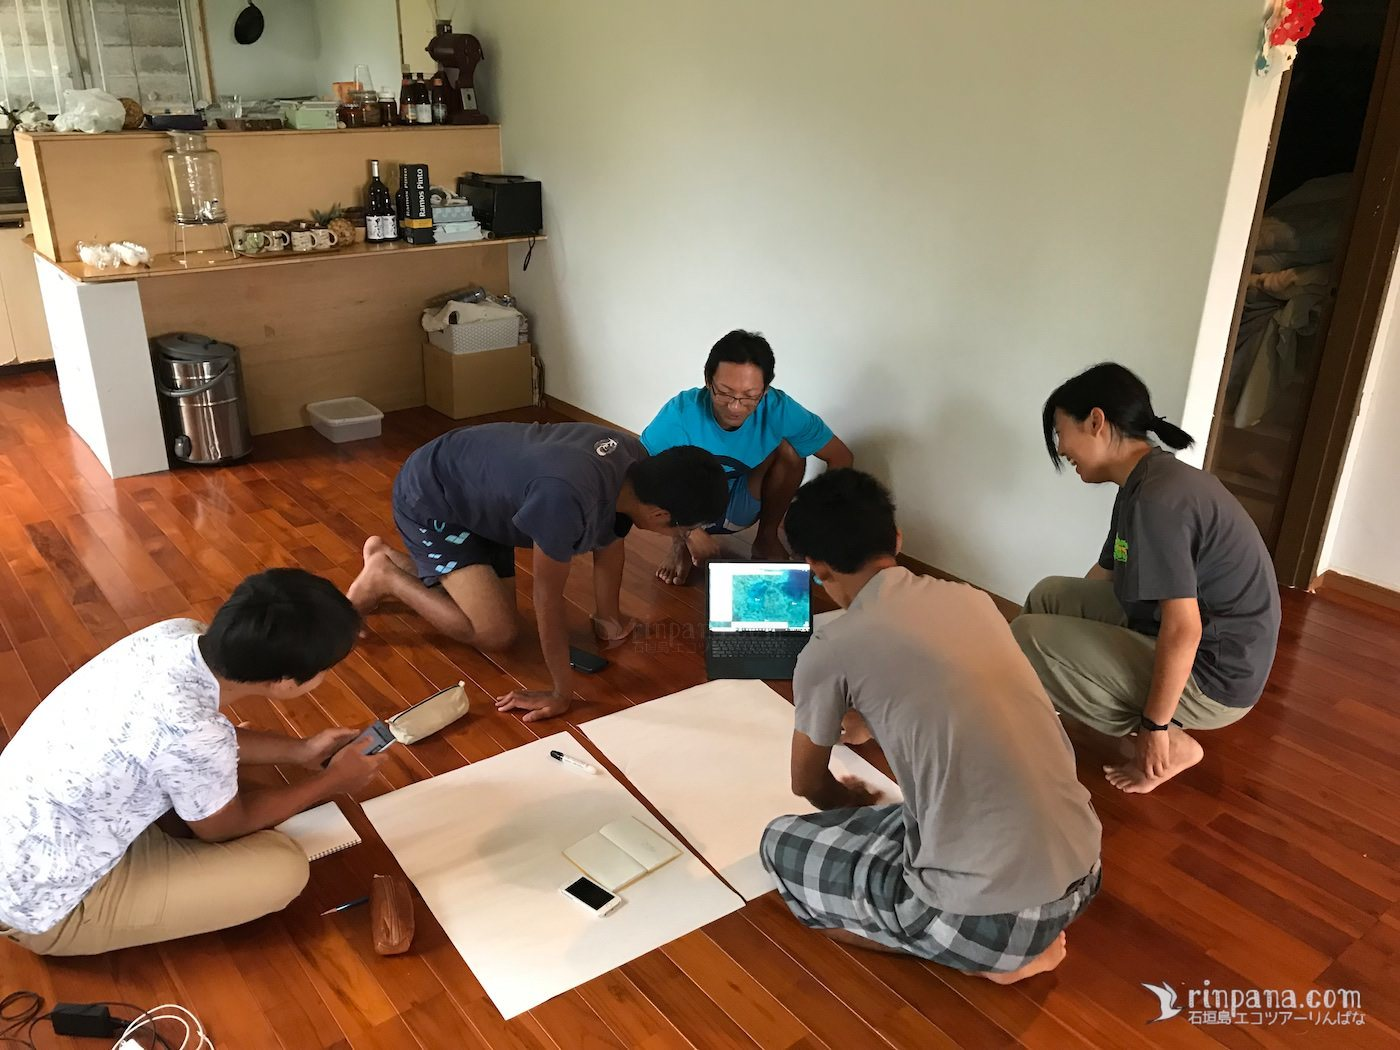 皆で進めるサンゴの調査 〜学生たちのサンゴ合宿〜